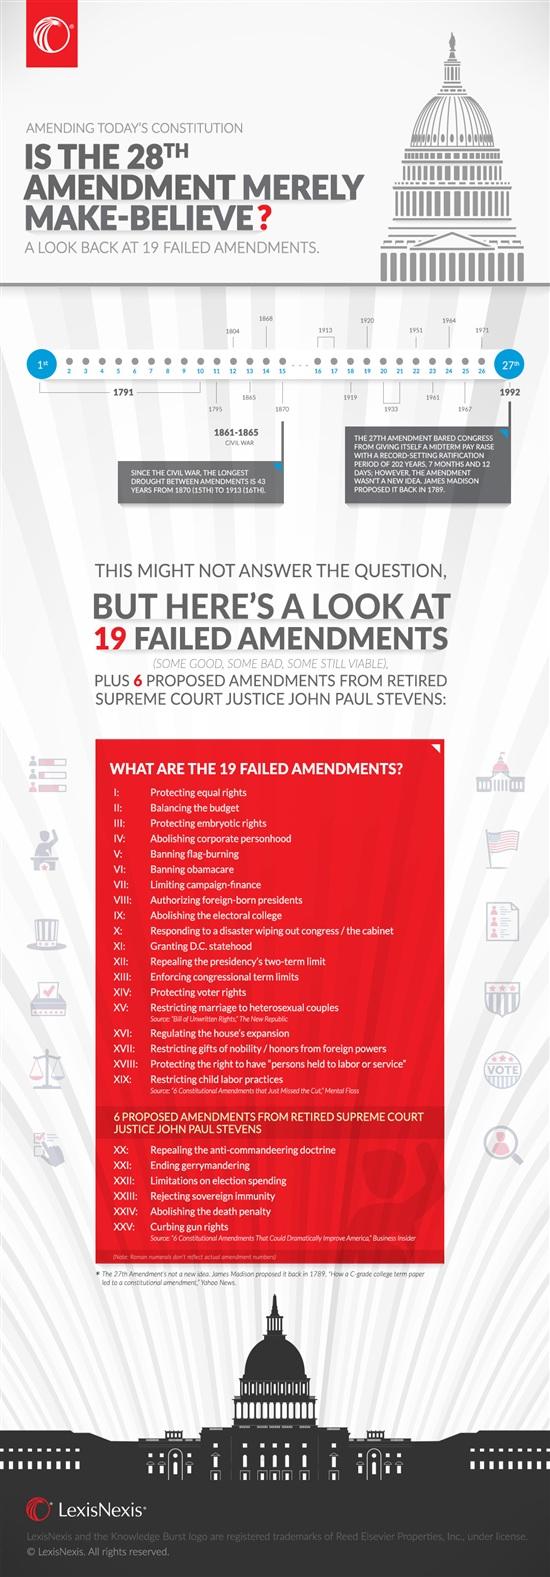 constitutional amendment, Constitution, amendment